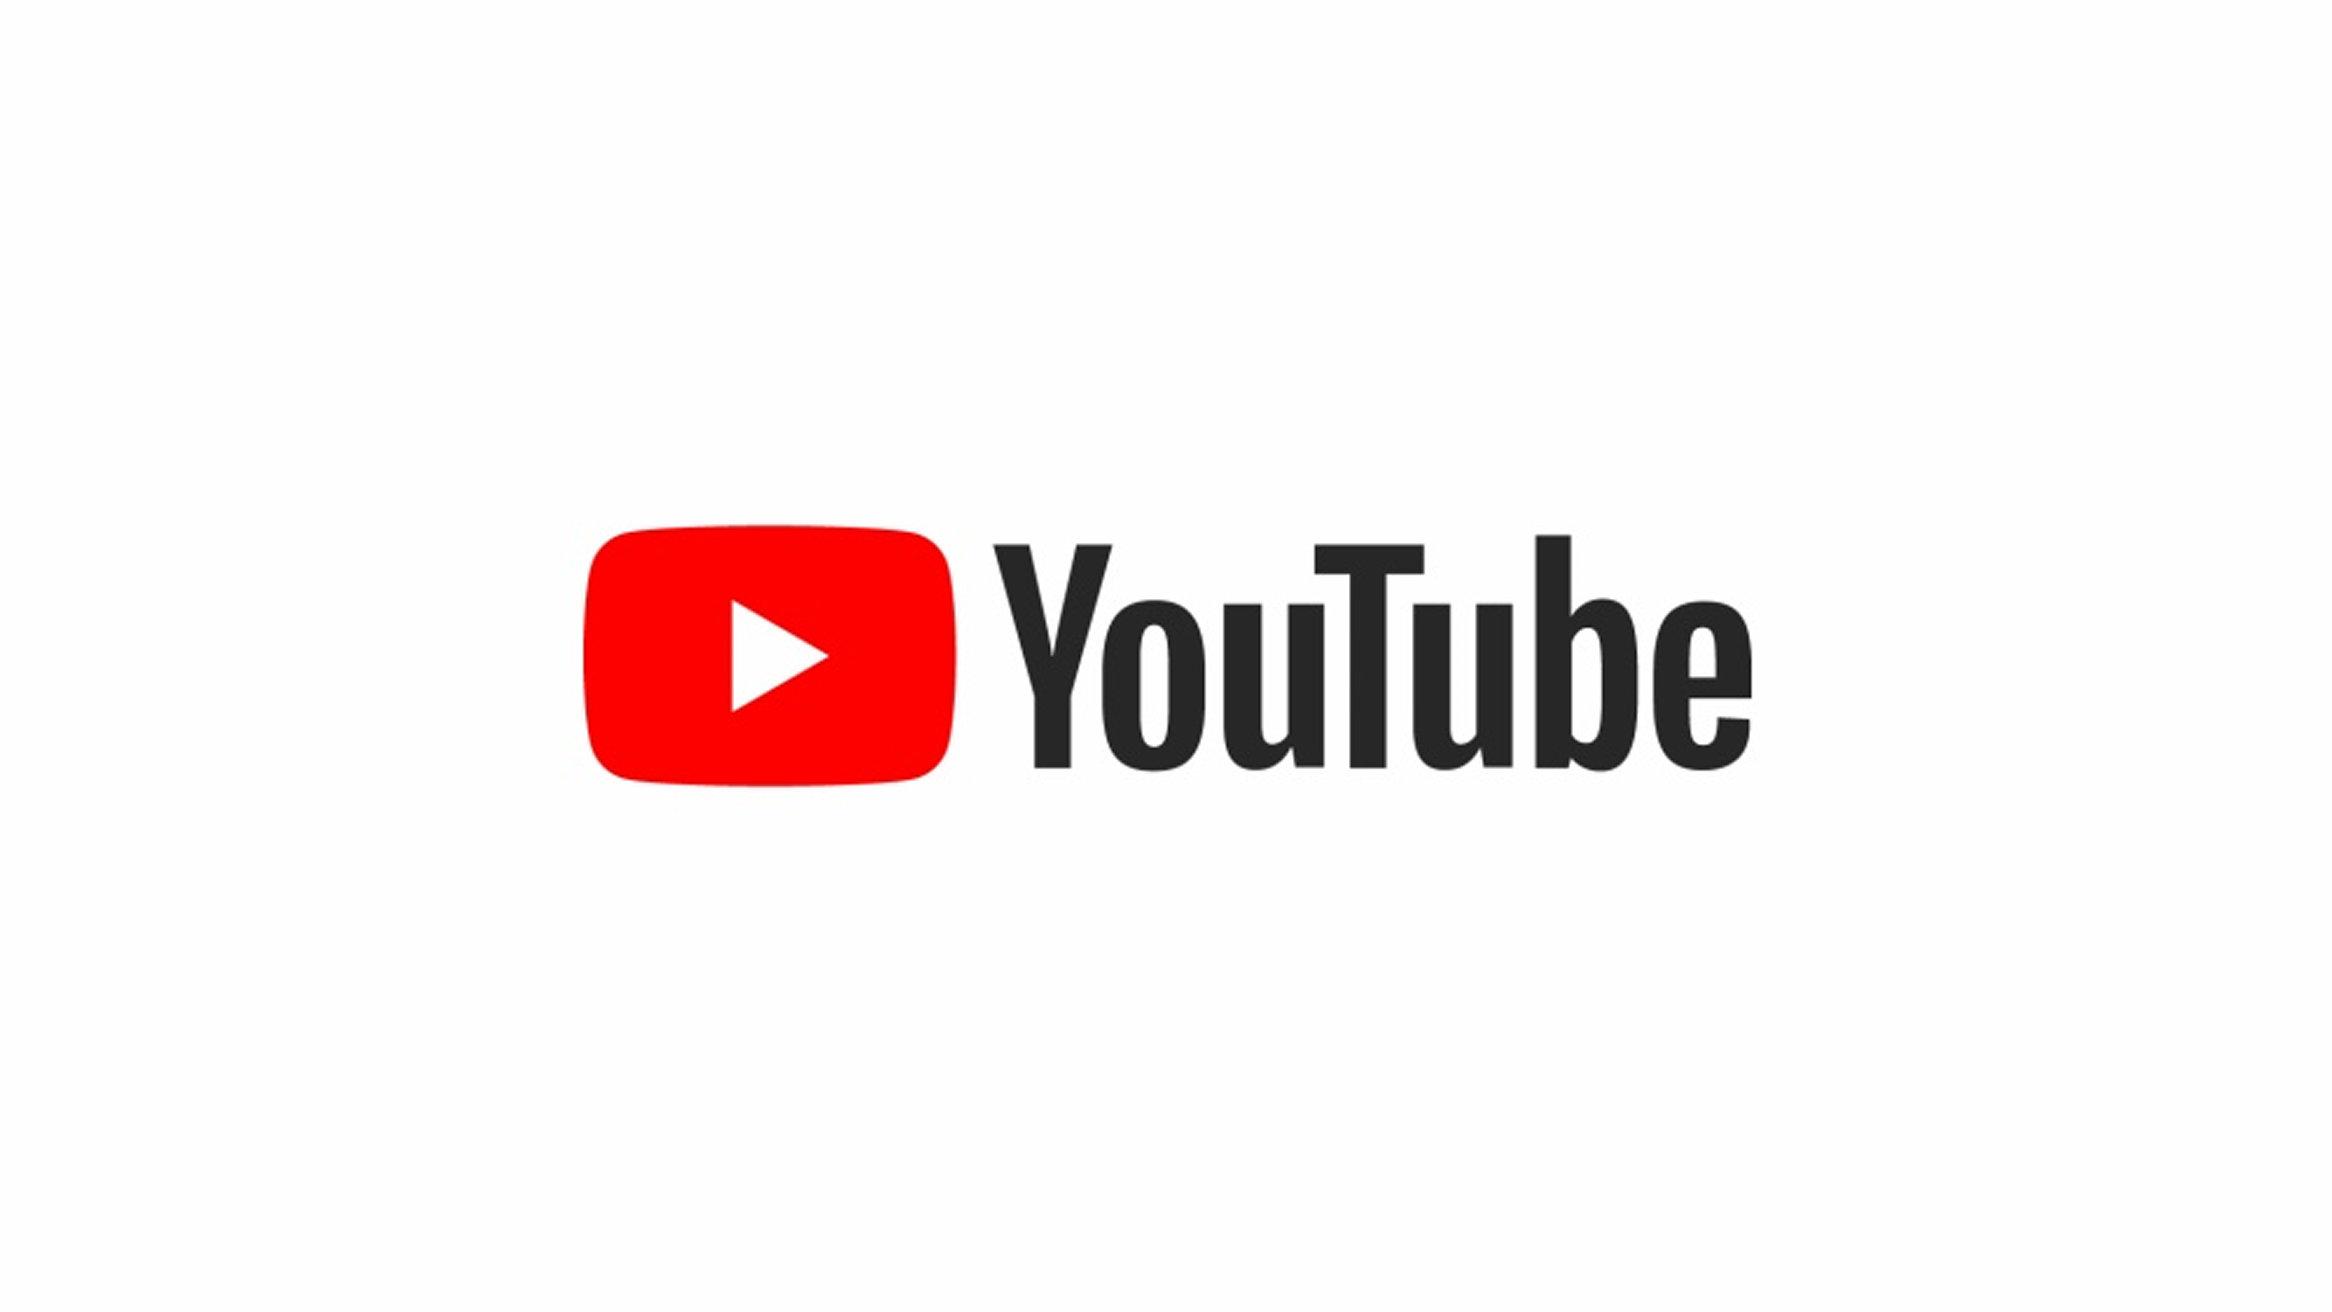 ニンテンドー3DS、YouTube終了。見れないエラー修正されず